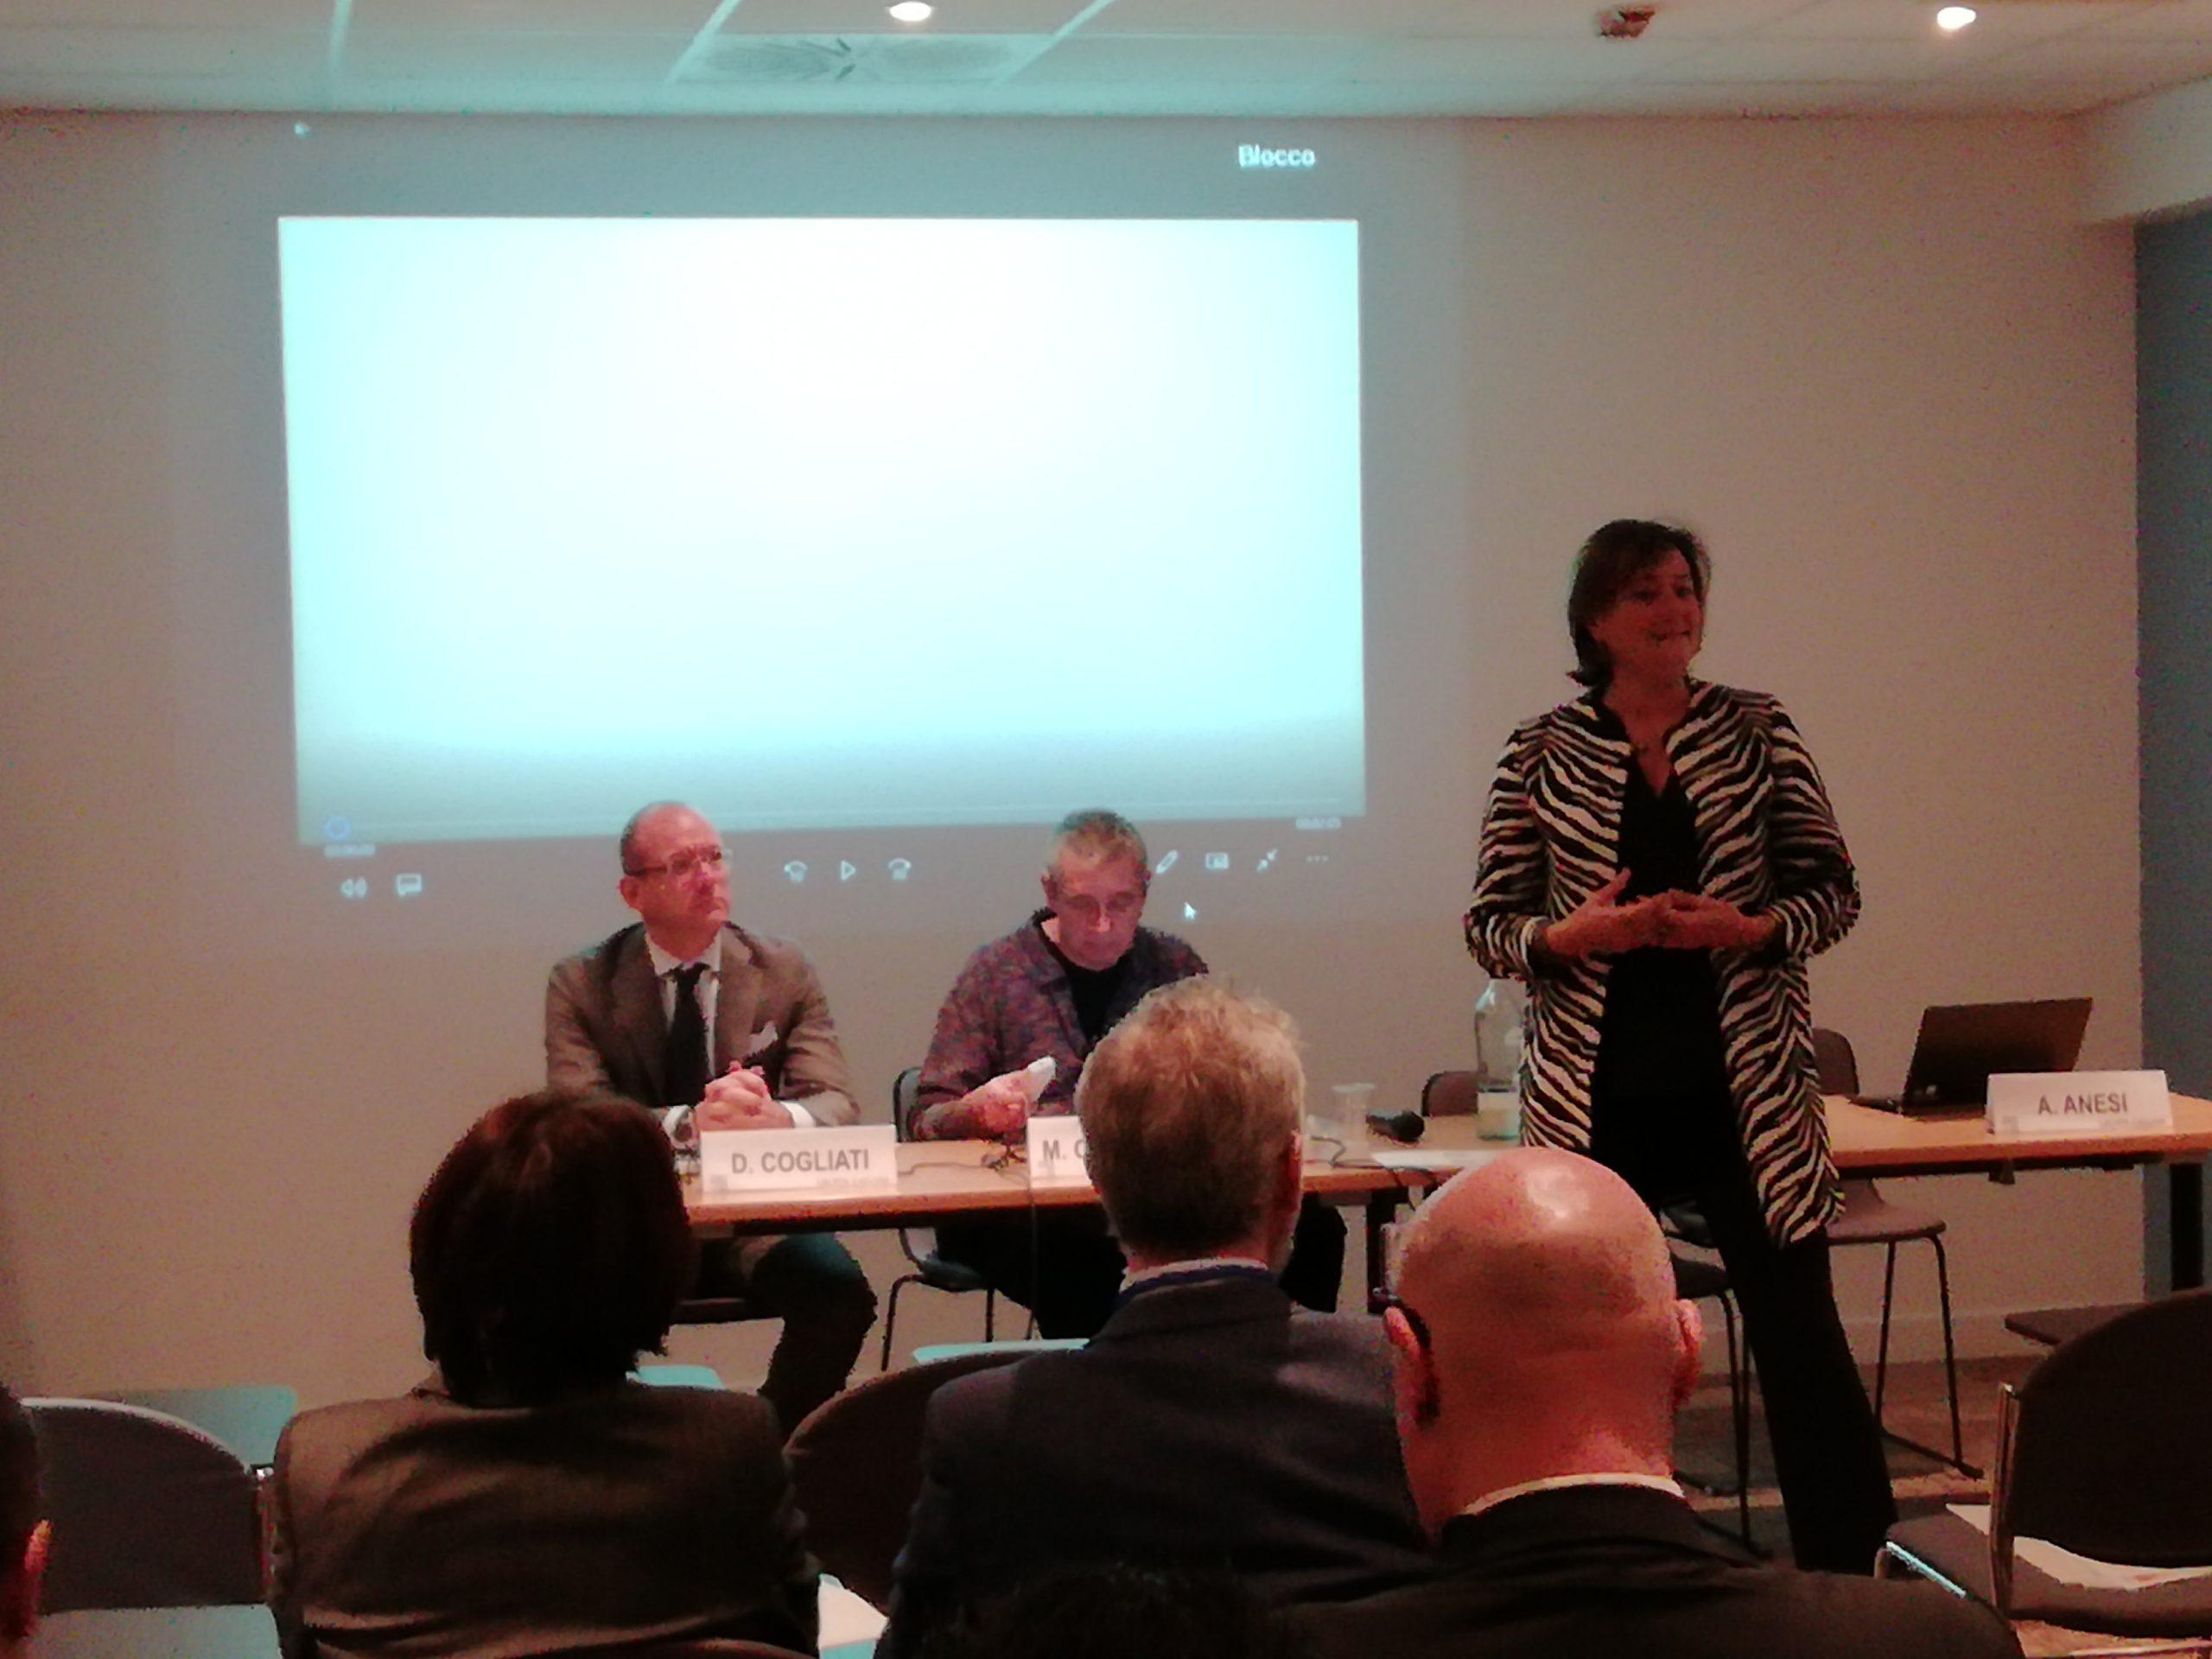 """Mariacristina Galgano (Evento """"Eccellenza nella gestione della commessa attraverso il Lean Project Management. Casi di eccellenza e approcci e innovativi"""" 11 dicembre 2018)"""